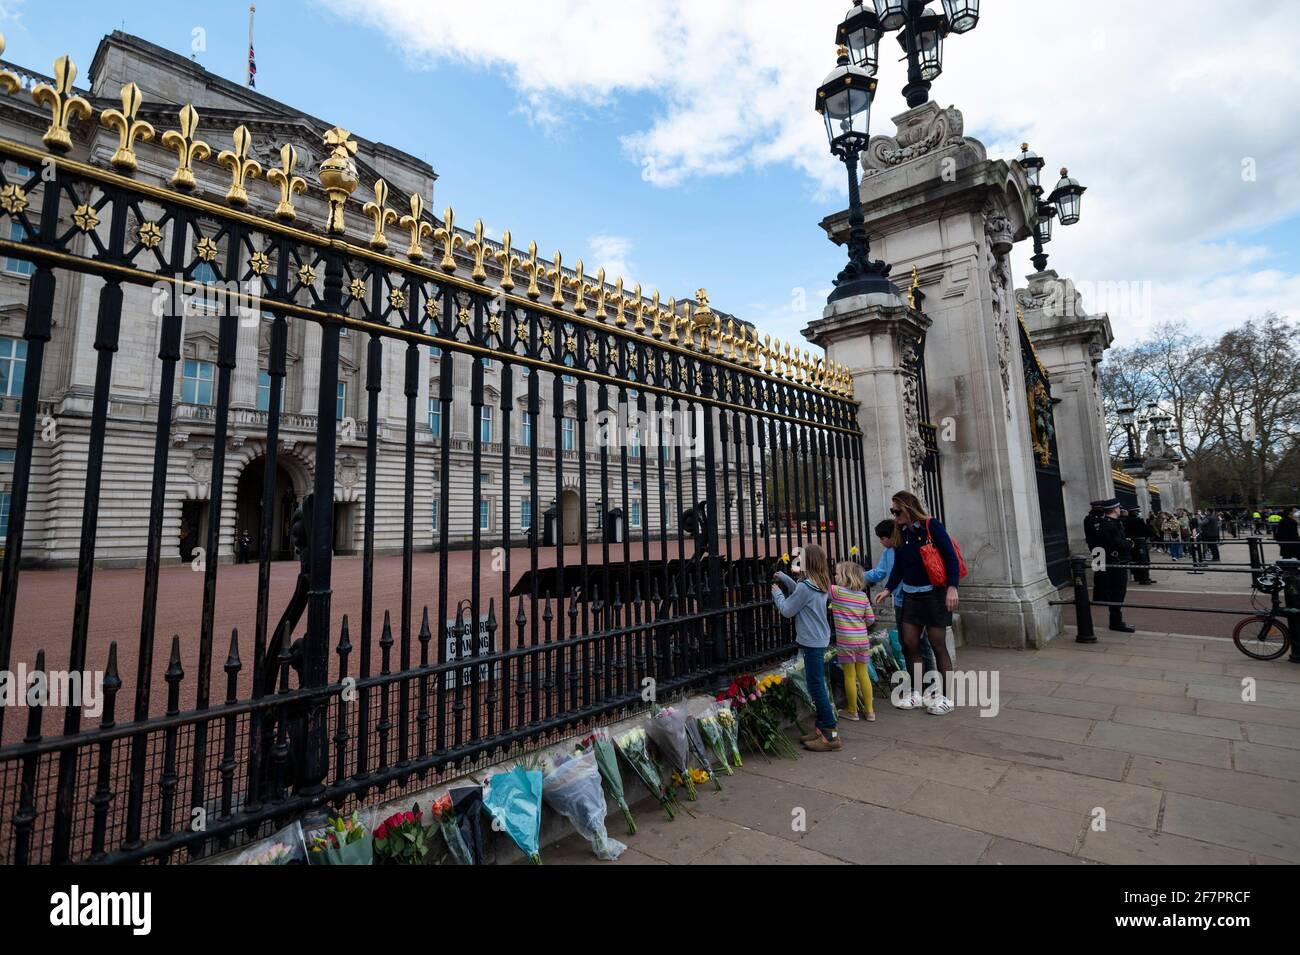 Londres, Reino Unido. 9th de Abr de 2021. Los westhers dejan flores fuera del Palacio de Buckingham después de que se anunciara la muerte del príncipe Felipe, de 99 años. Crédito: Stephen Chung/Alamy Live News Foto de stock